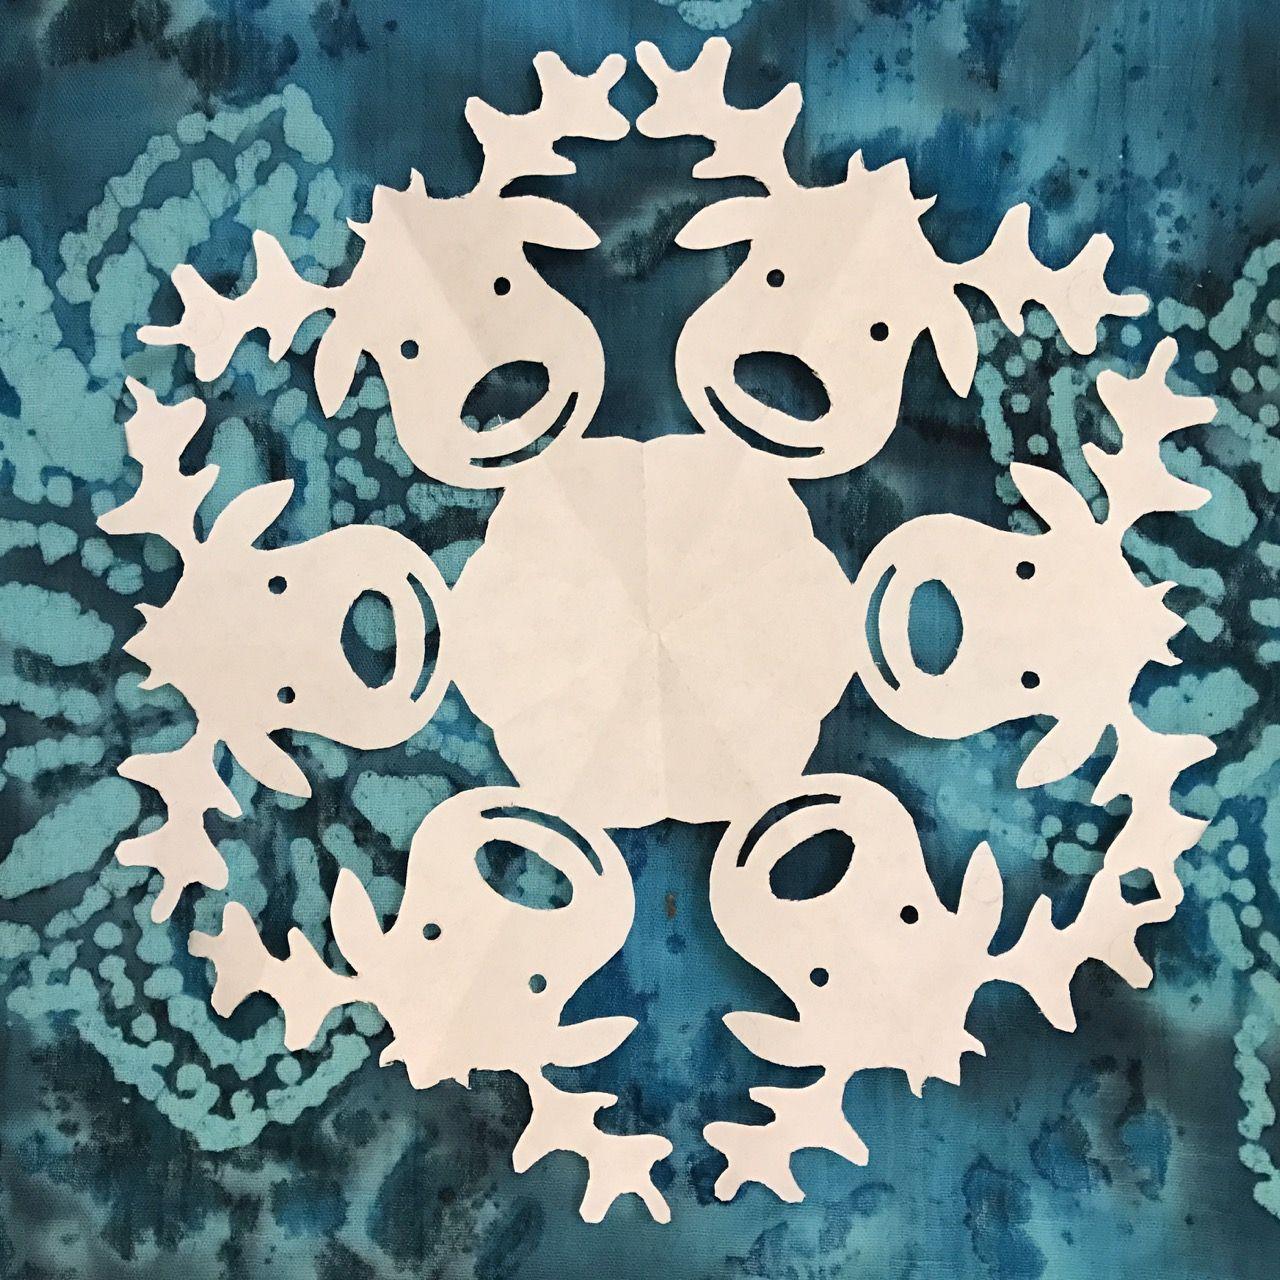 Pin On Snowflakes